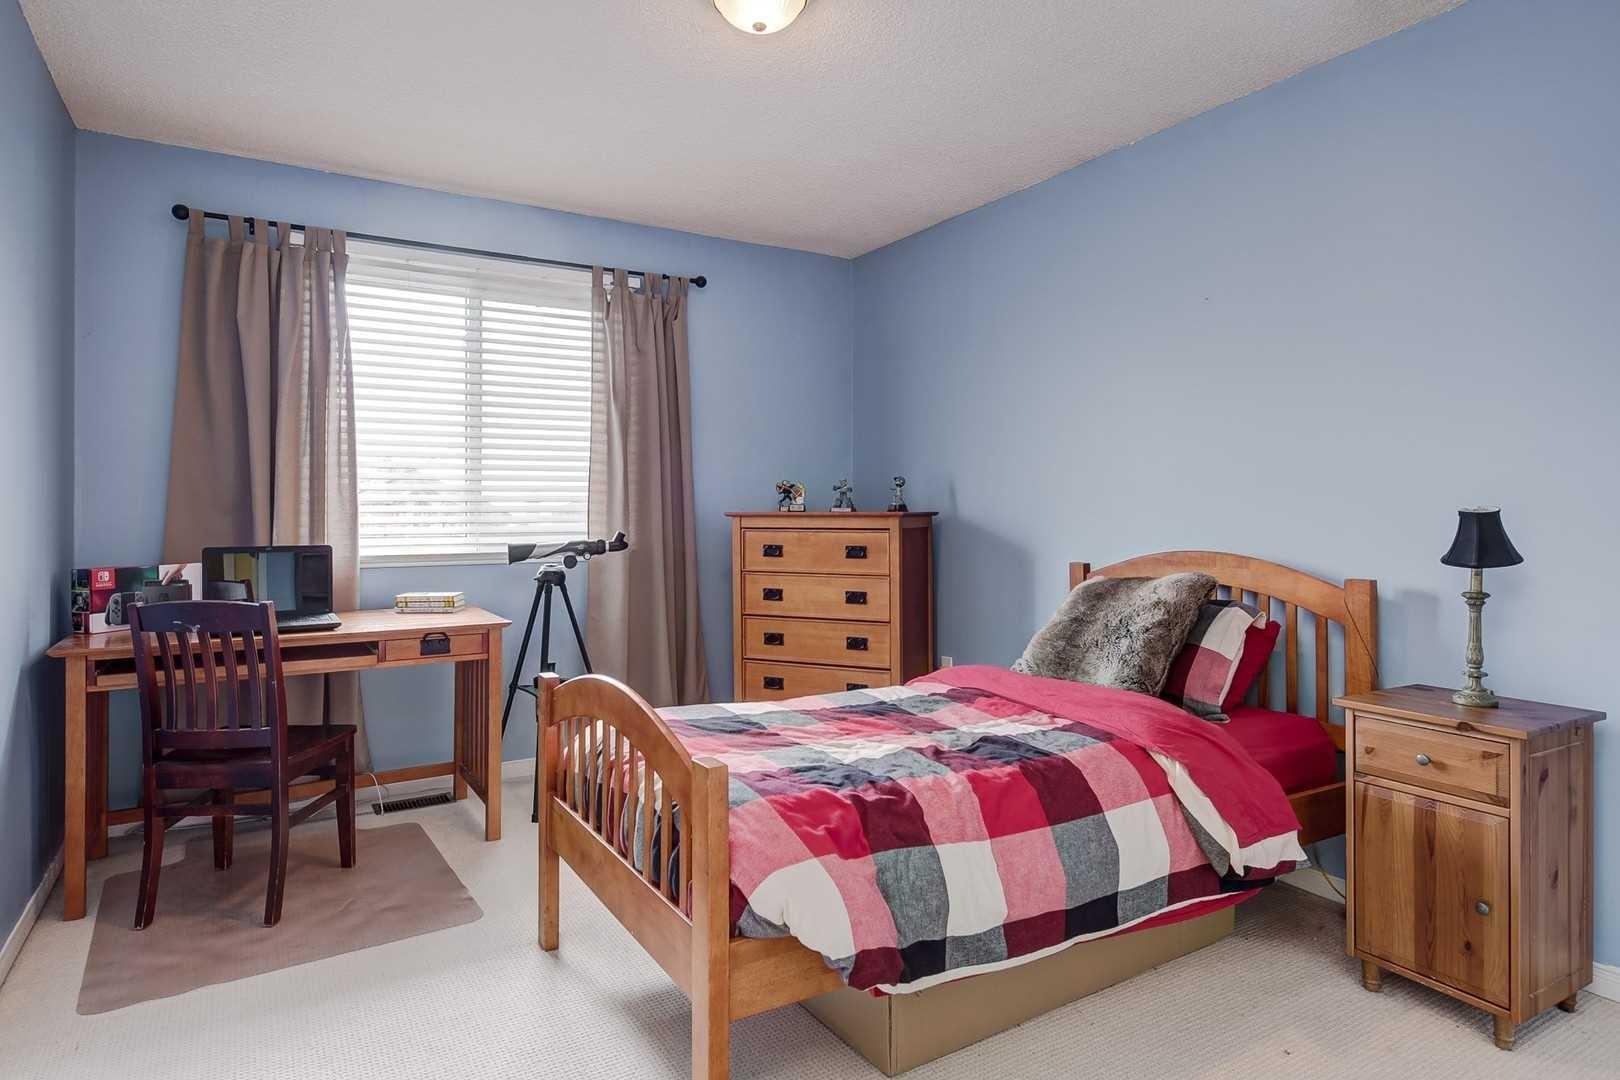 35 Royal Crt, Bradford West Gwillimbury N4426034